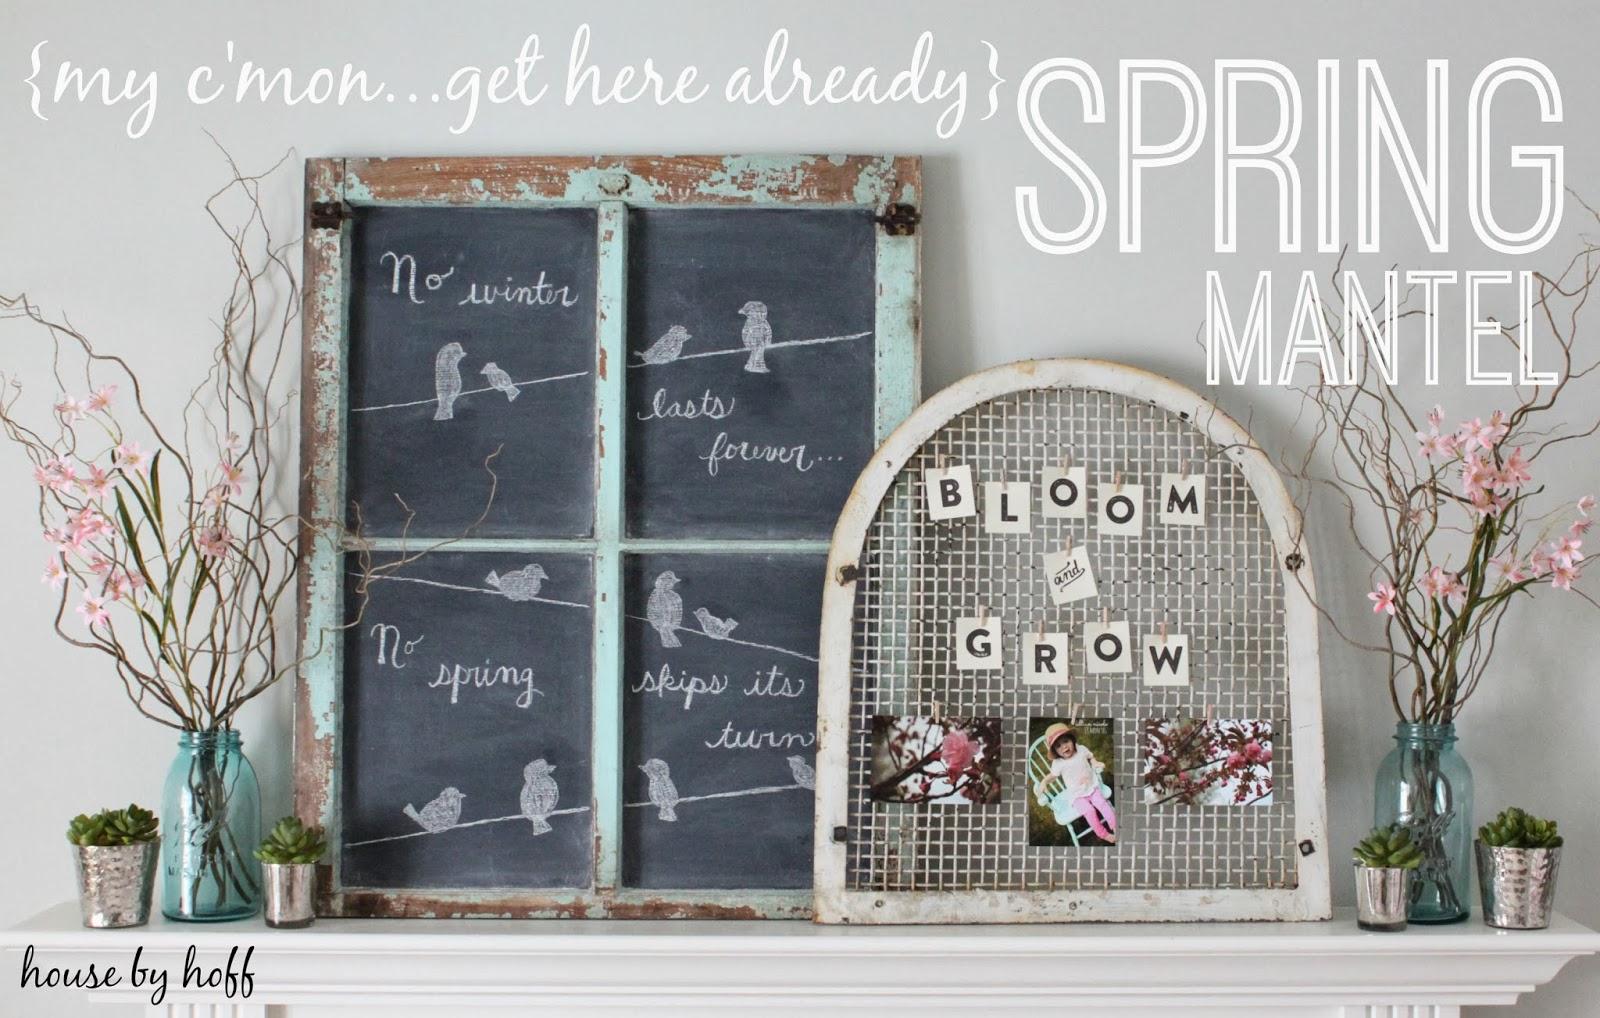 Spring Mantel via housebyhoff.com